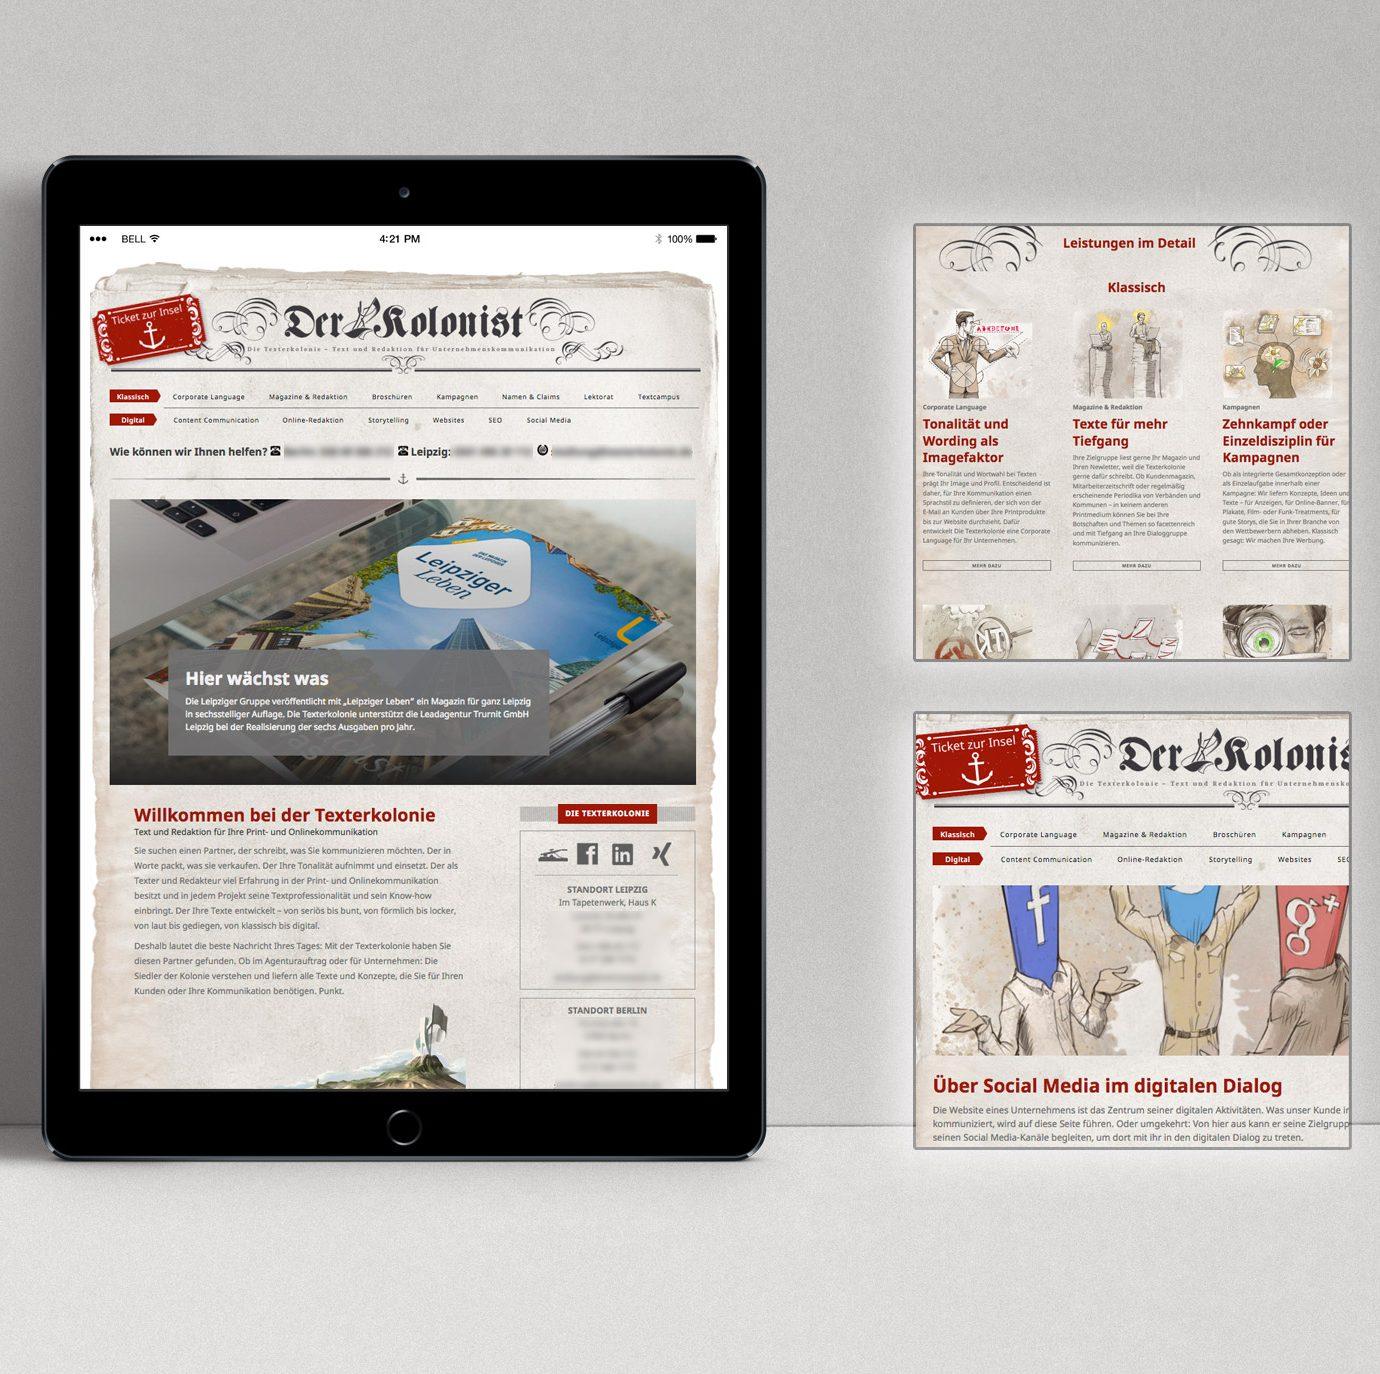 Der Kolonist – eine WordPress-Webseite